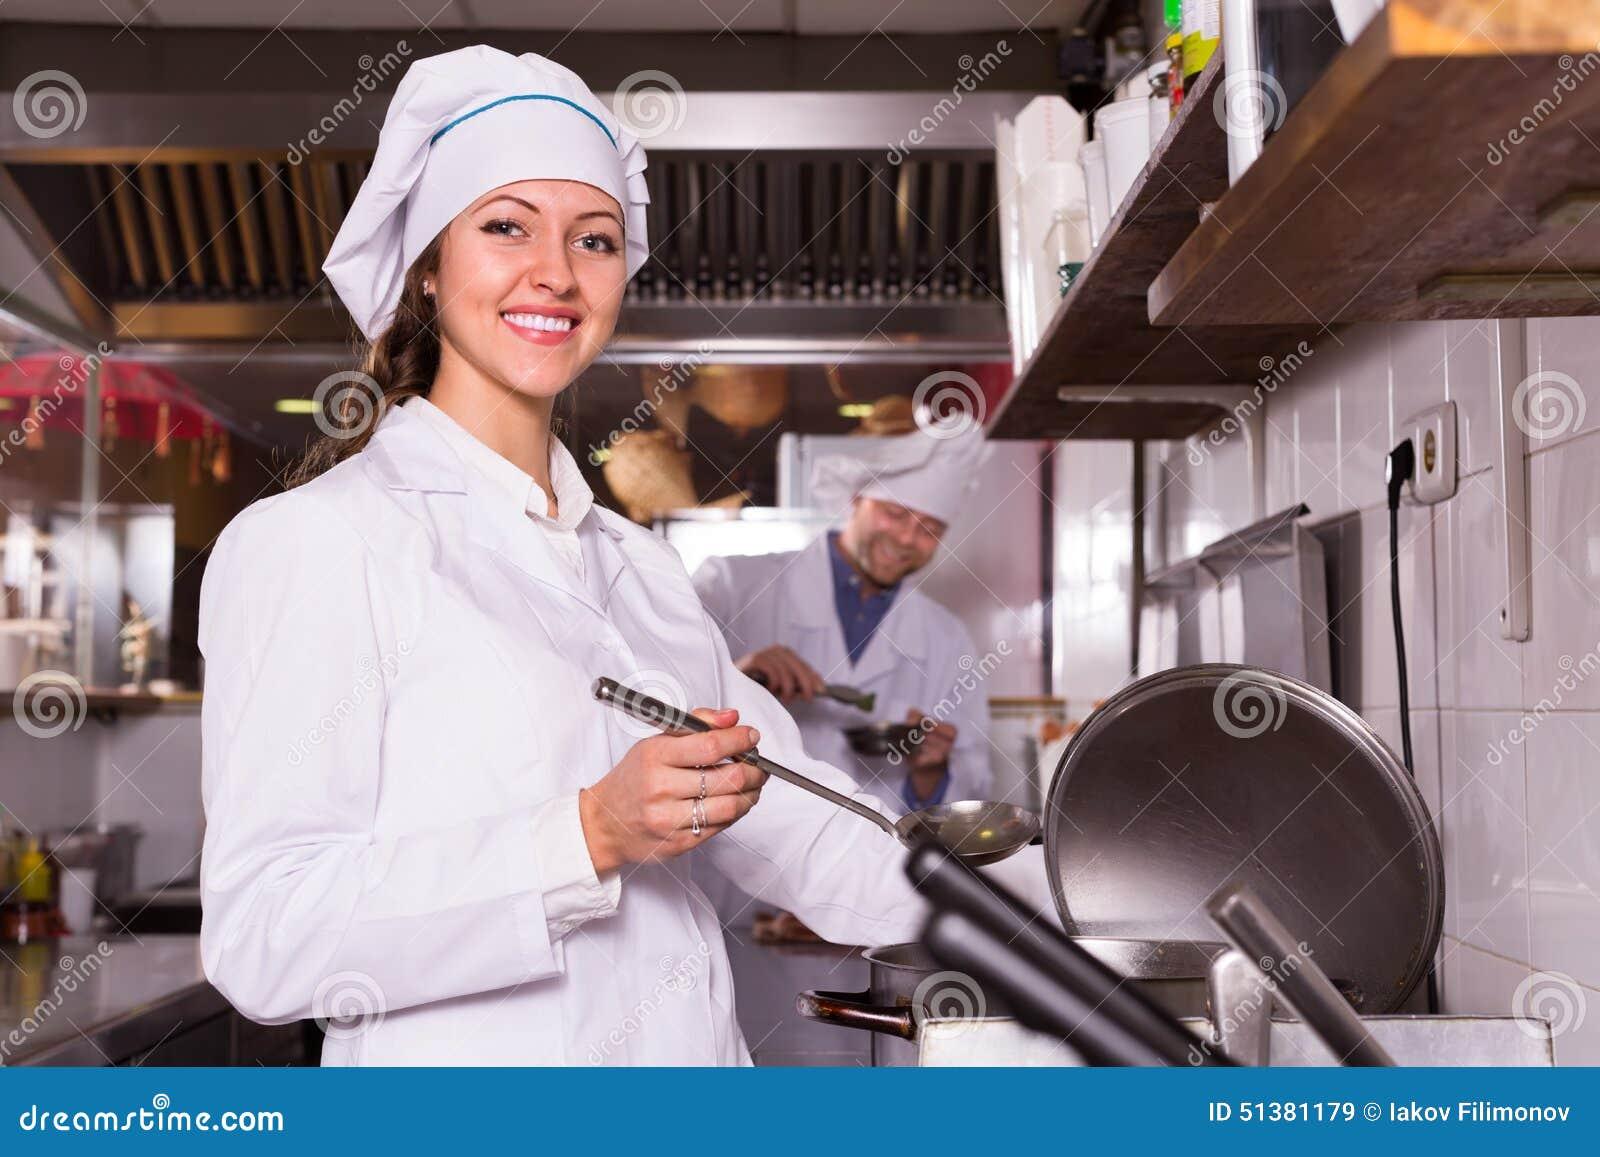 Cocinero y su ayudante en la cocina de los bistros imagen - Ayudante de cocina sueldo ...